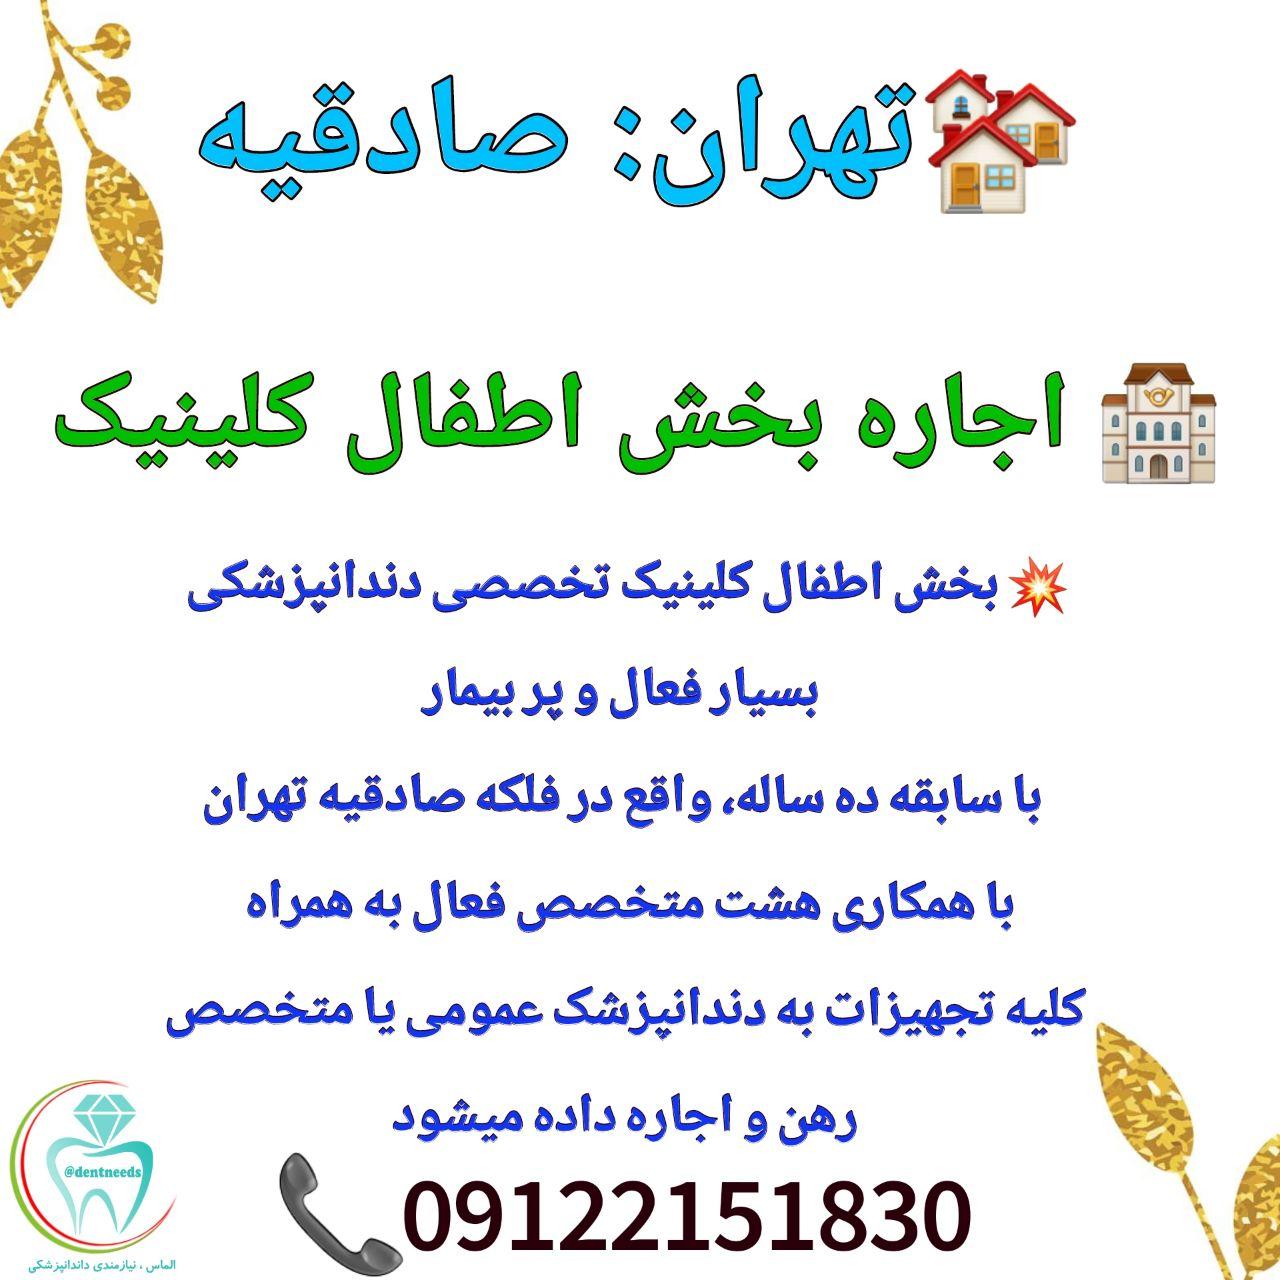 تهران: صادقیه، اجاره بخش اطفال کلینیک